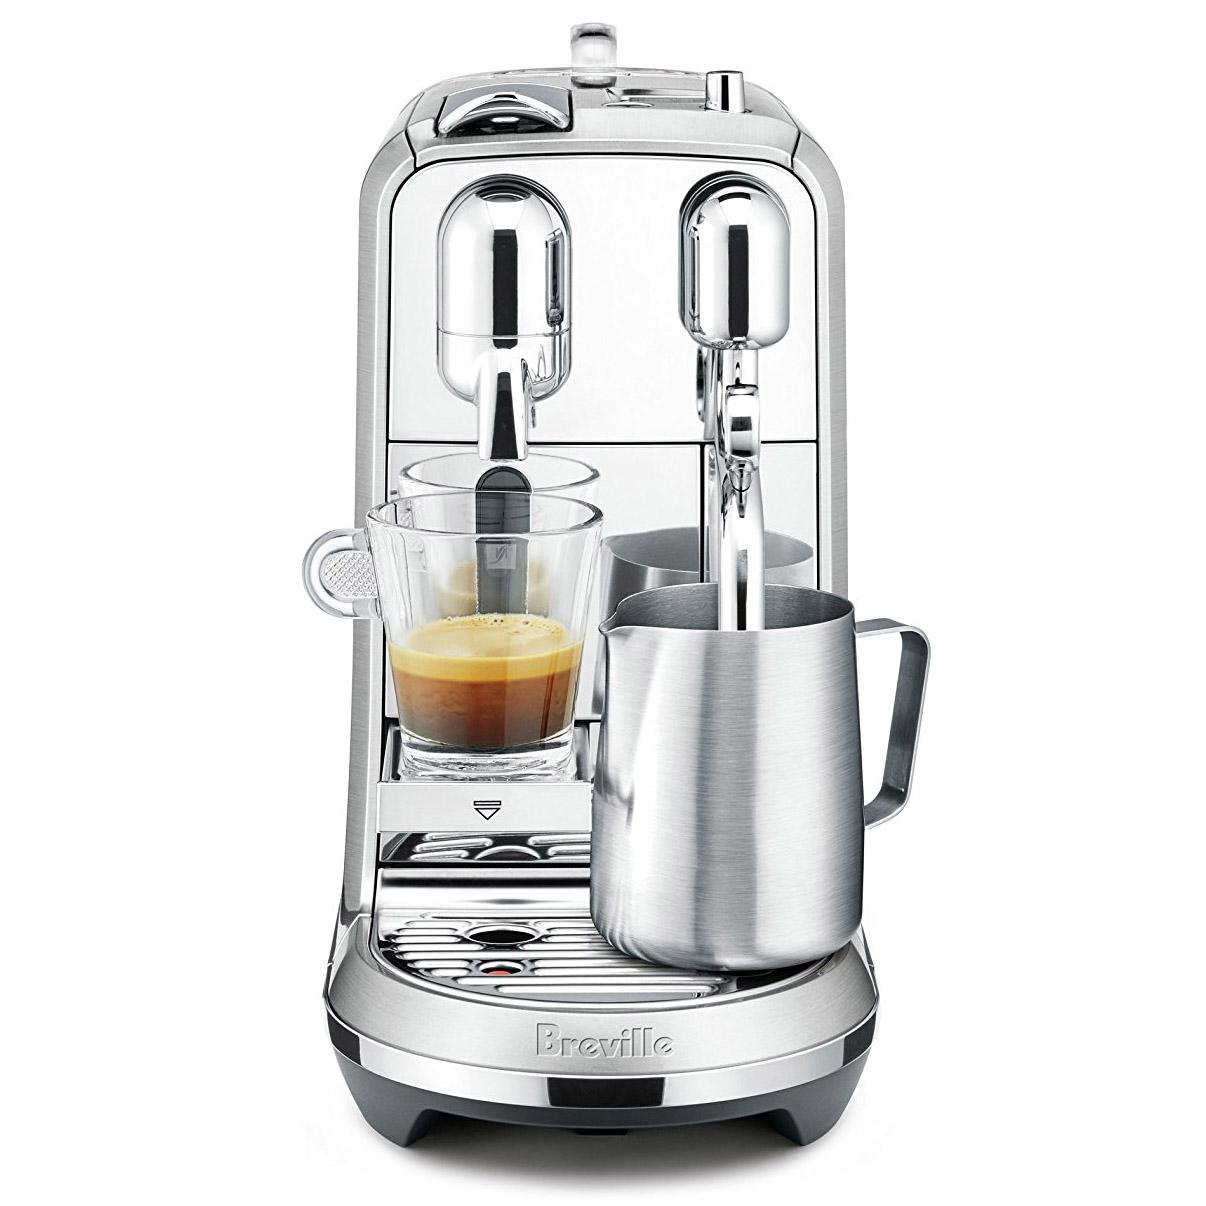 Breville Creatista Plus Nespresso Single Serve Espresso Machine BNE800BSS -  Espresso Planet Canada